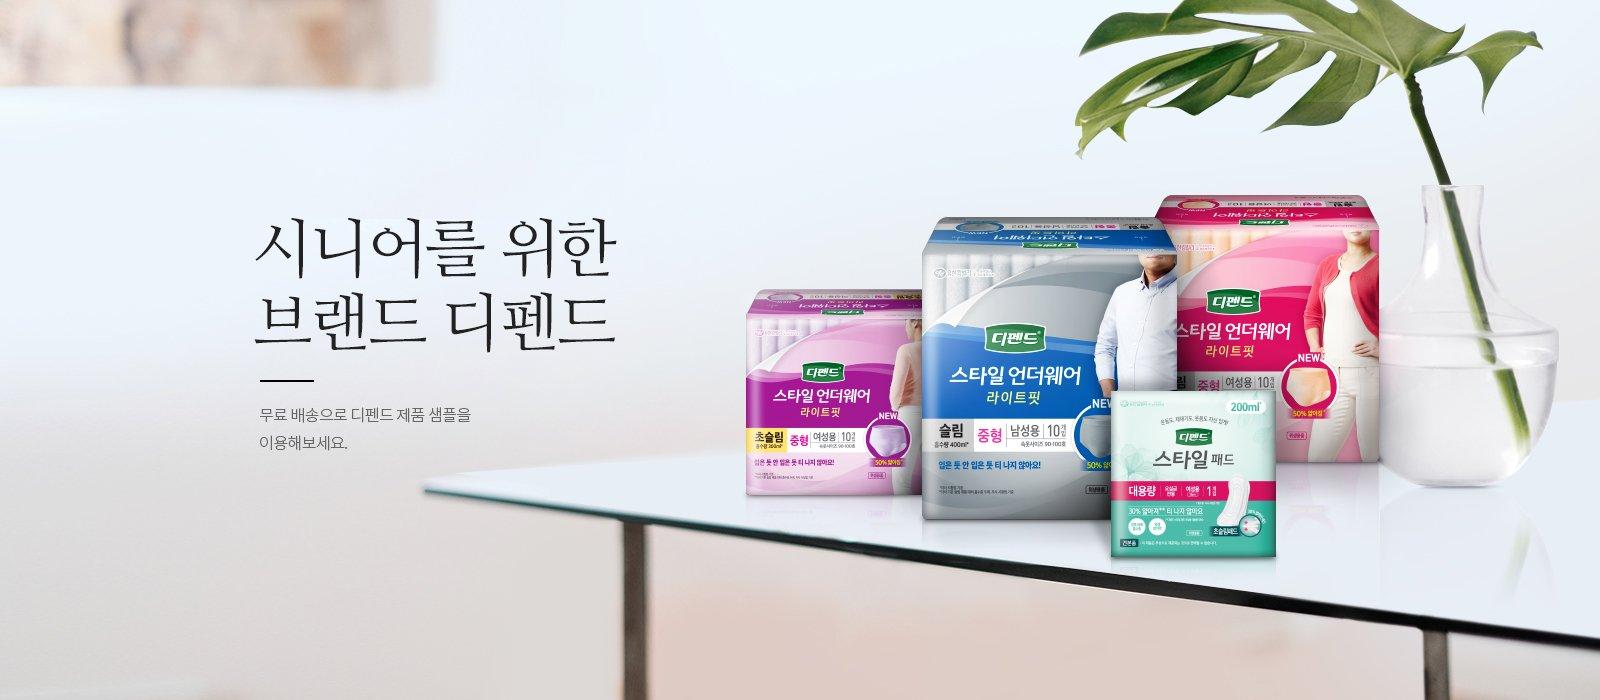 시니어를 위한 브랜드 디펜드 무료 배송으로 디펜드 제품 샘플을 이용해보세요.